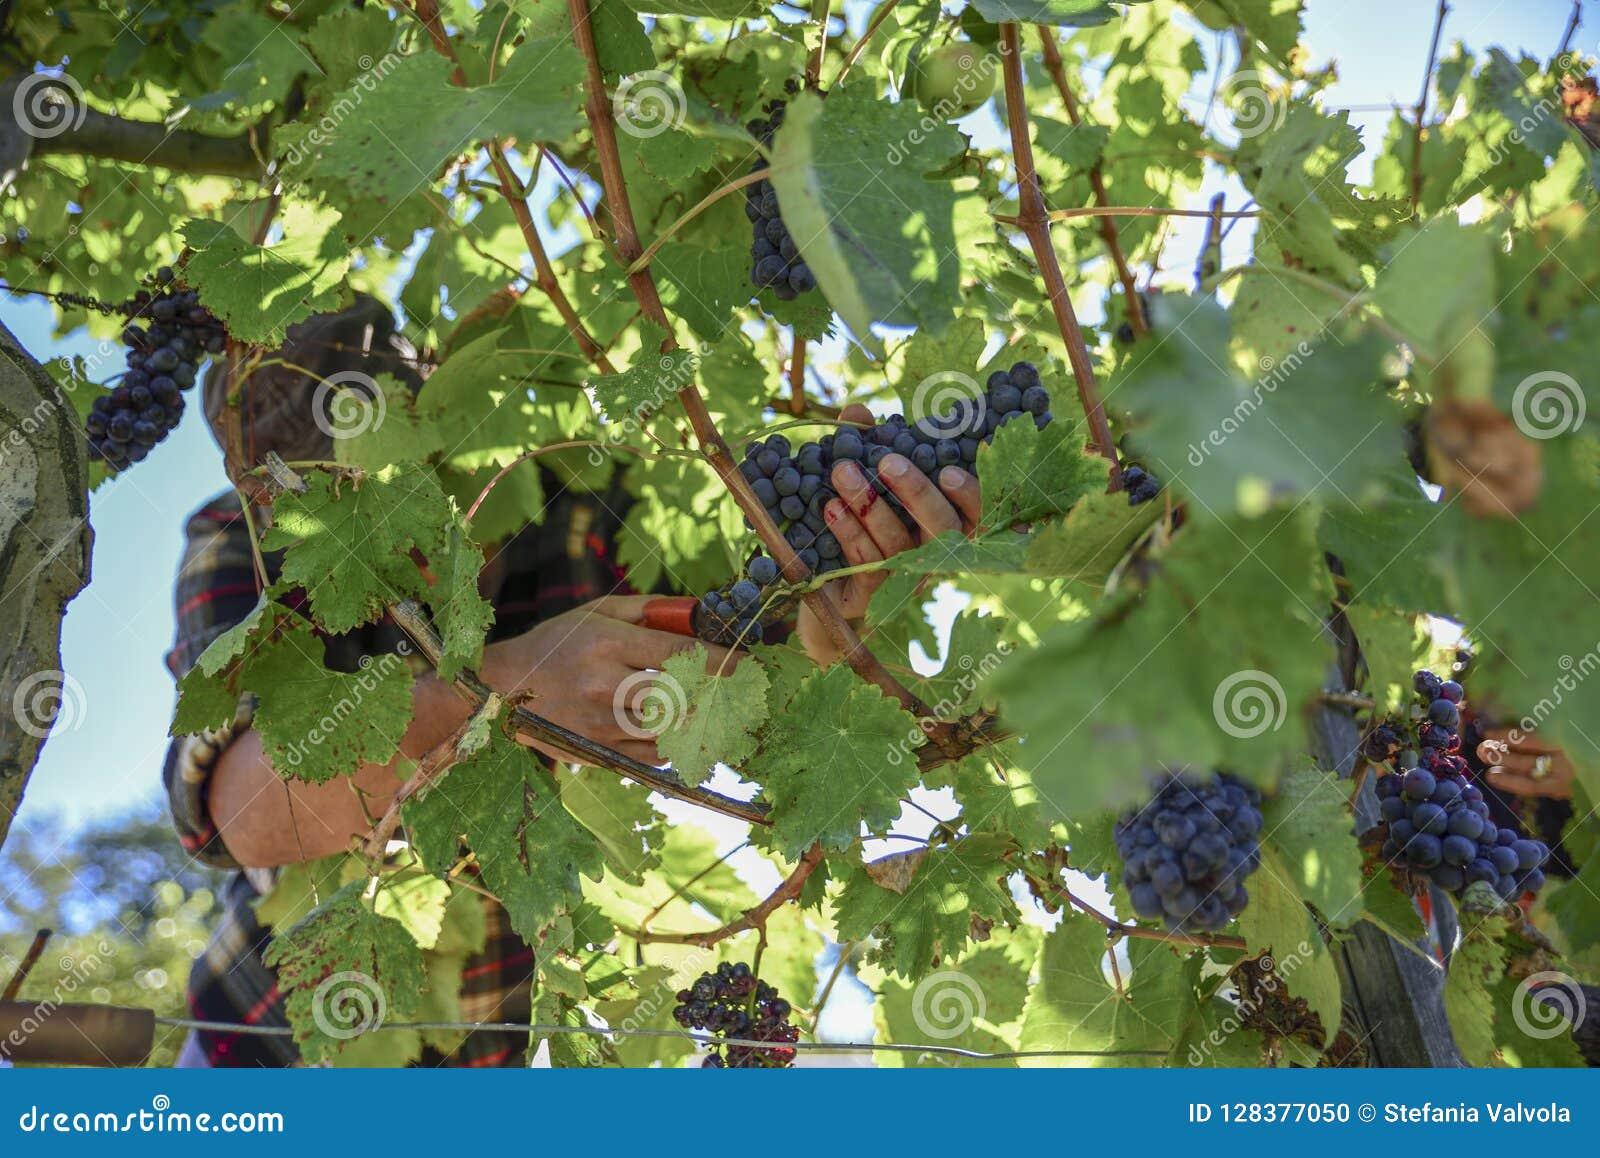 Homme de jeune exploitant agricole pendant la récolte en Italie un jour ensoleillé d automne